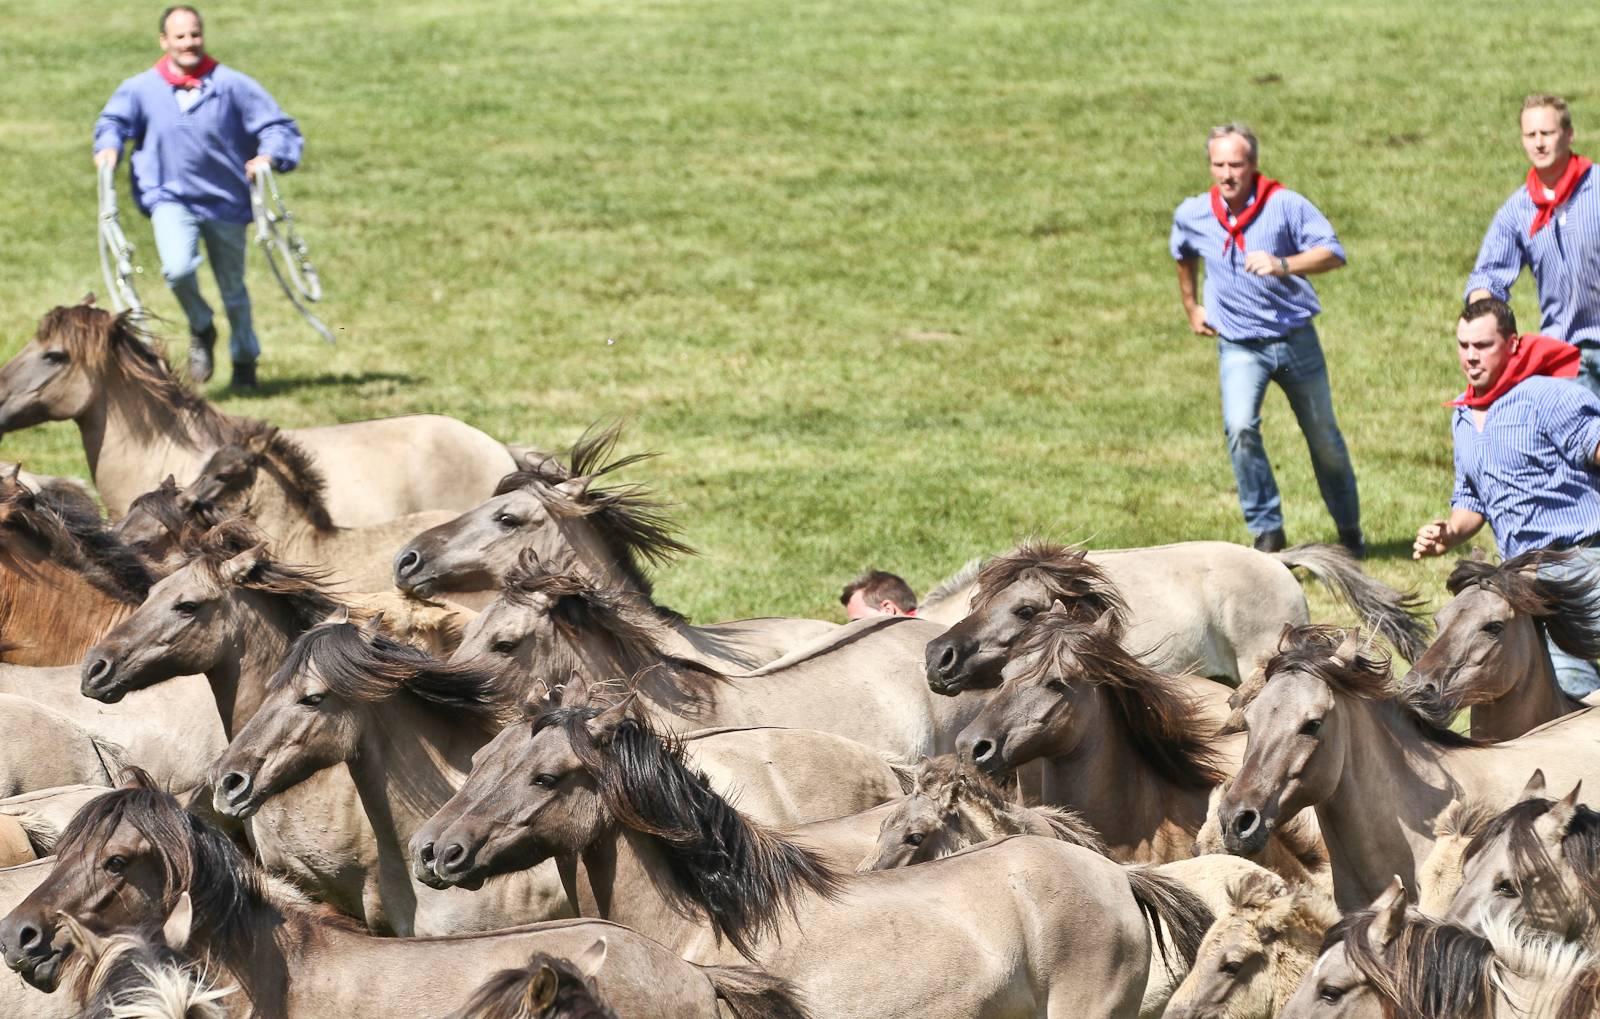 Лошадь иноходец: что такое иноходь и чем она отличается от других видов походи лошадей? каким породам свойственна иноходь?